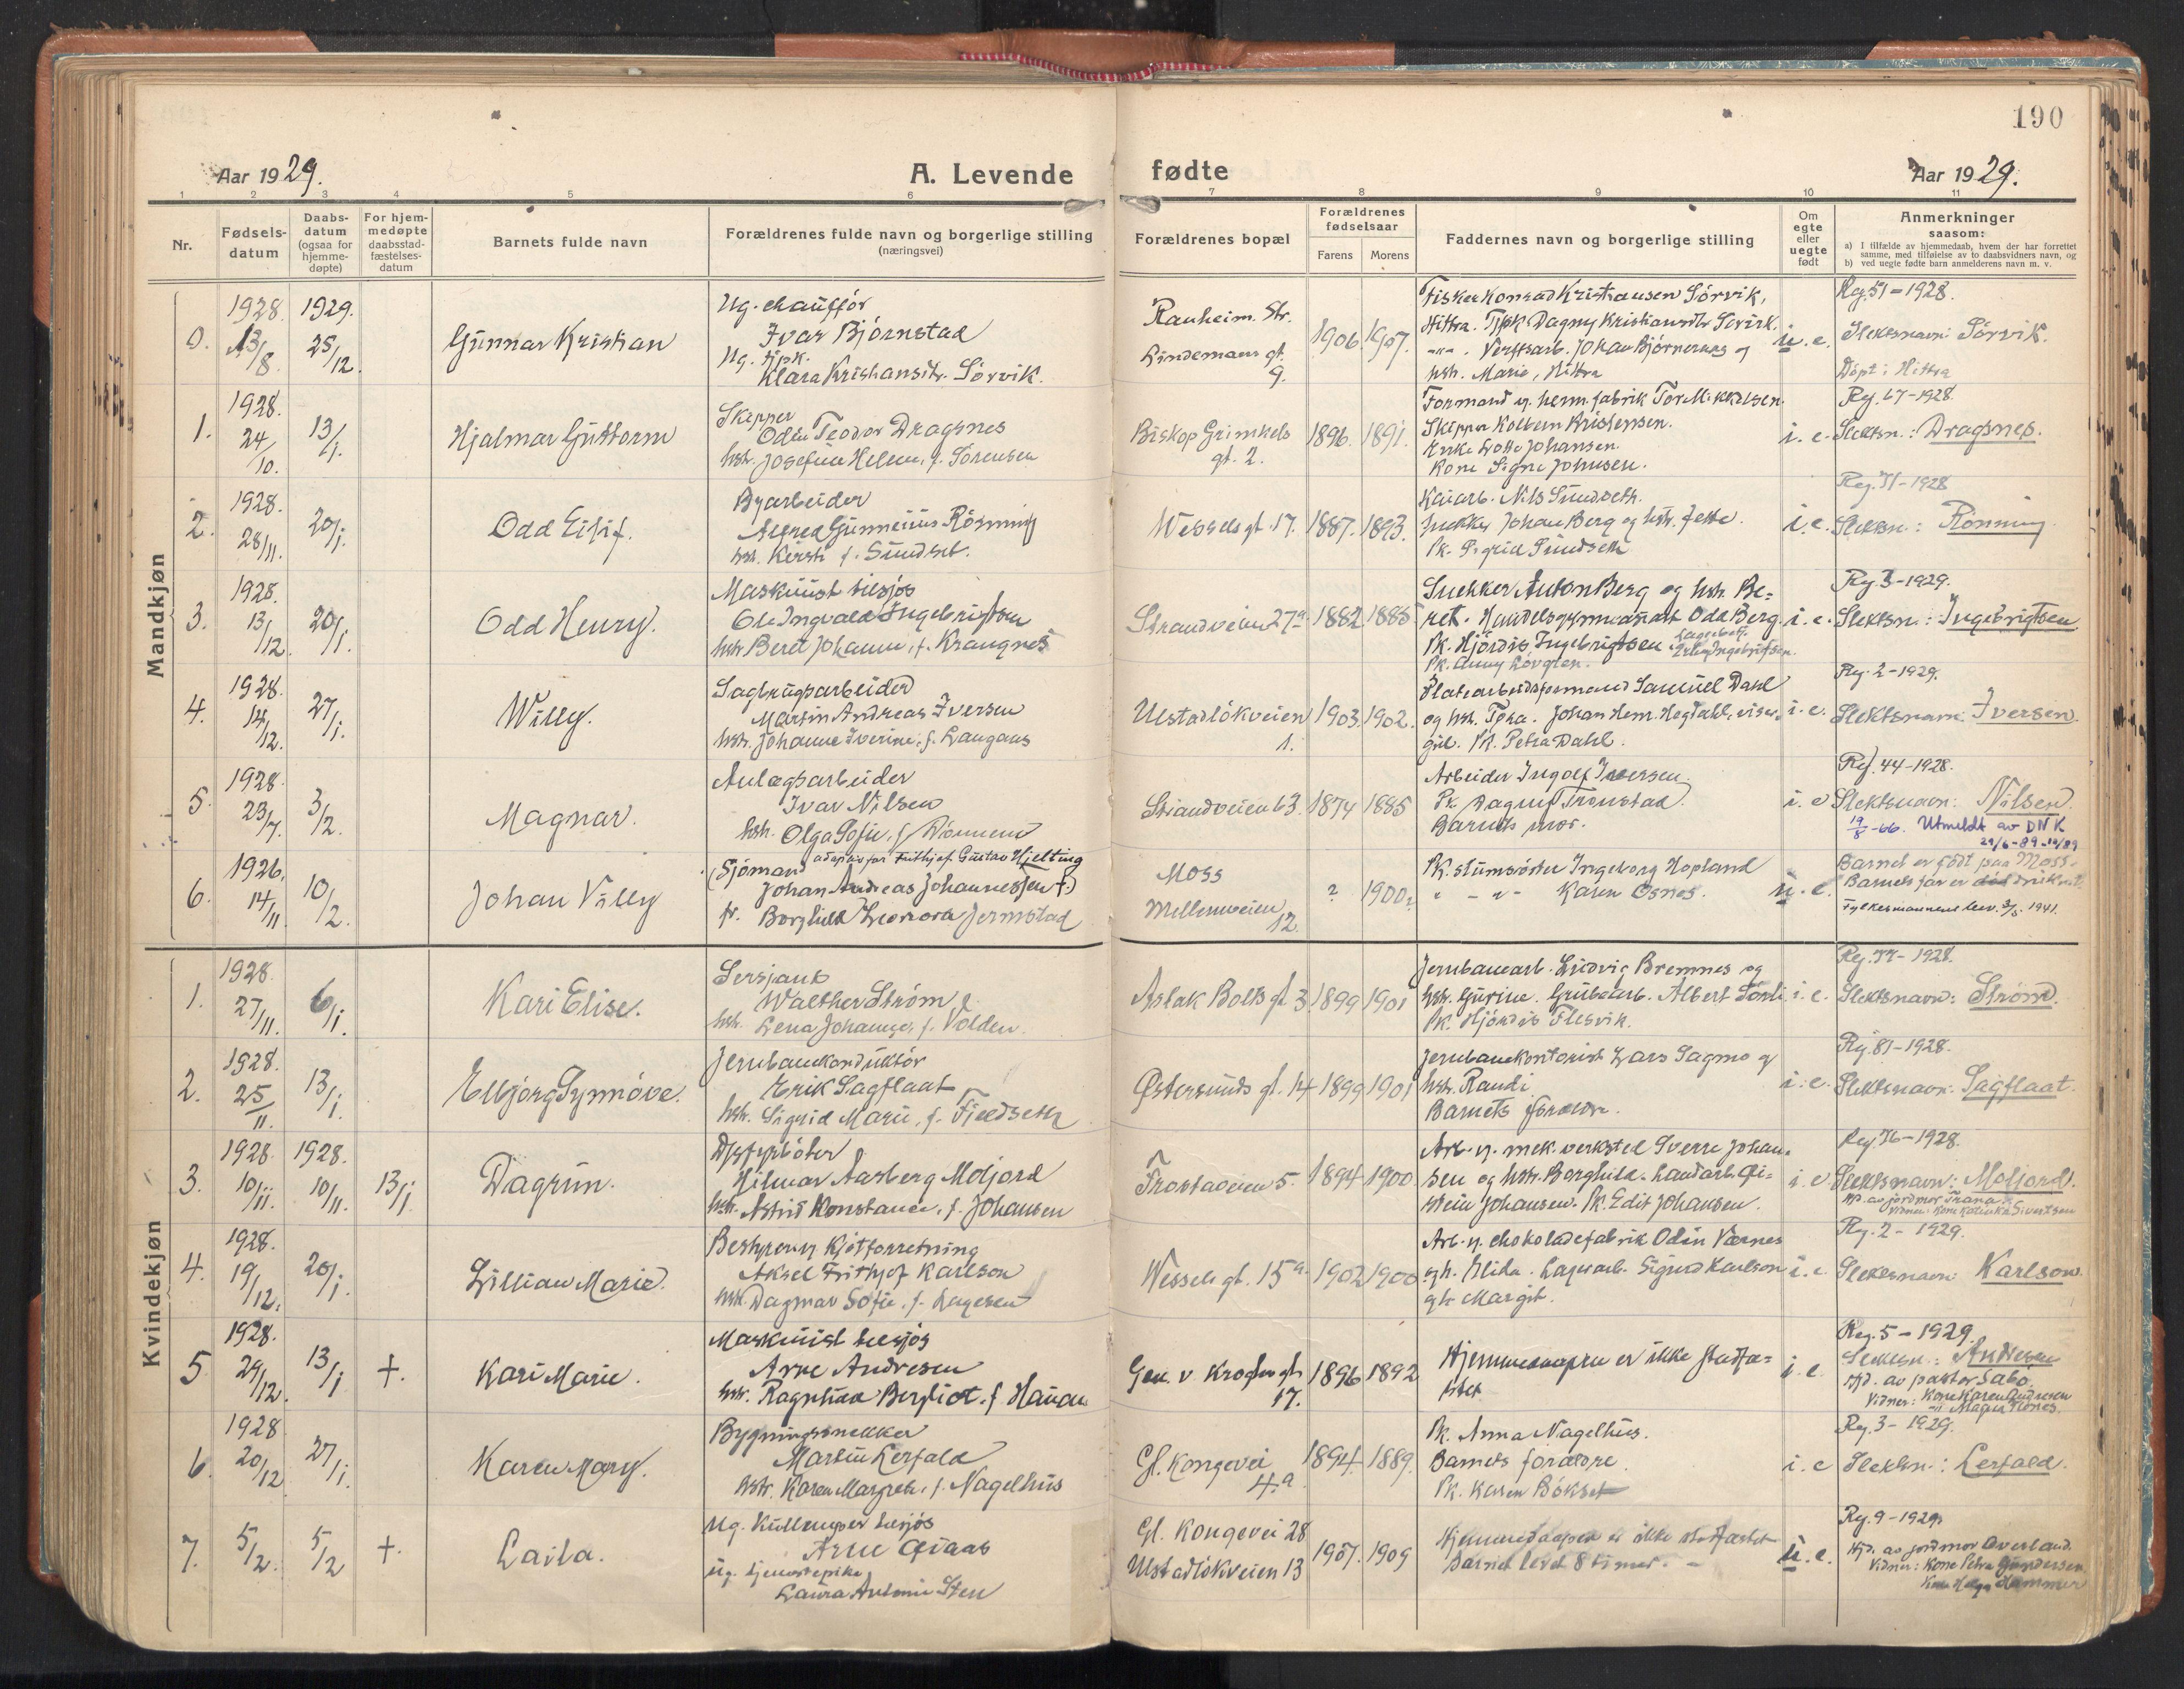 SAT, Ministerialprotokoller, klokkerbøker og fødselsregistre - Sør-Trøndelag, 605/L0248: Ministerialbok nr. 605A10, 1920-1937, s. 190